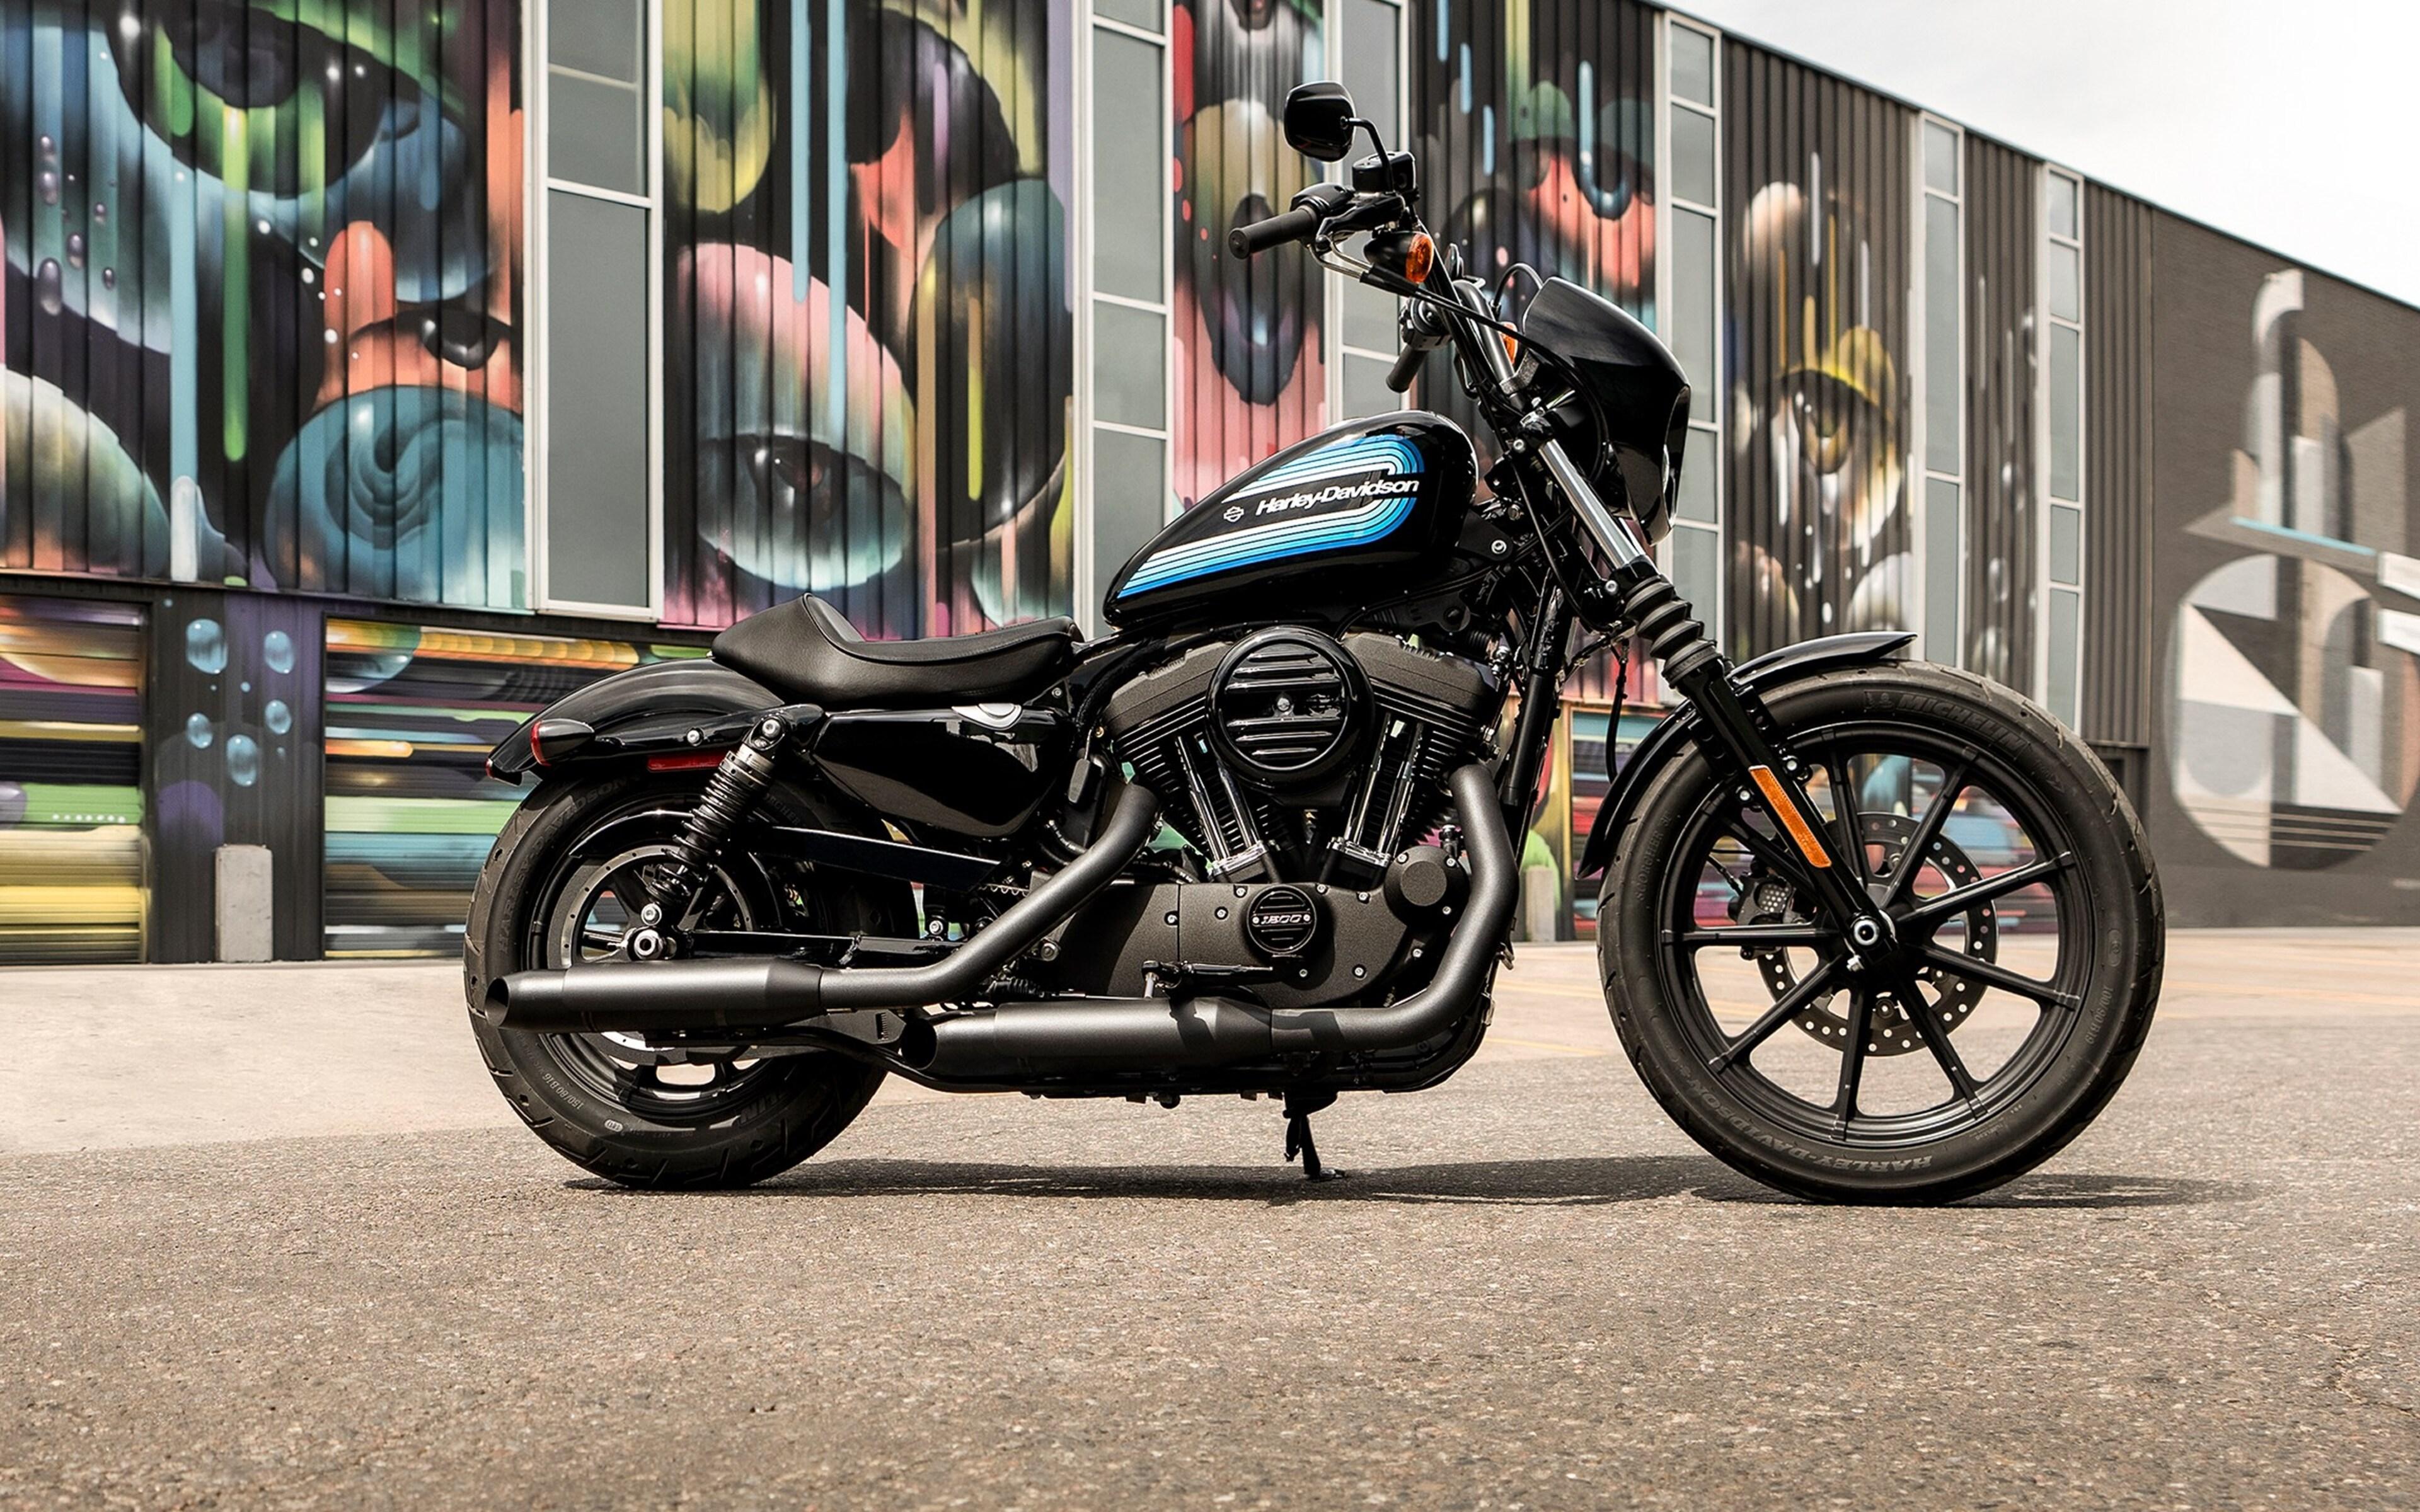 3840x2400 2019 Harley Davidson Iron 1200 4k HD 4k